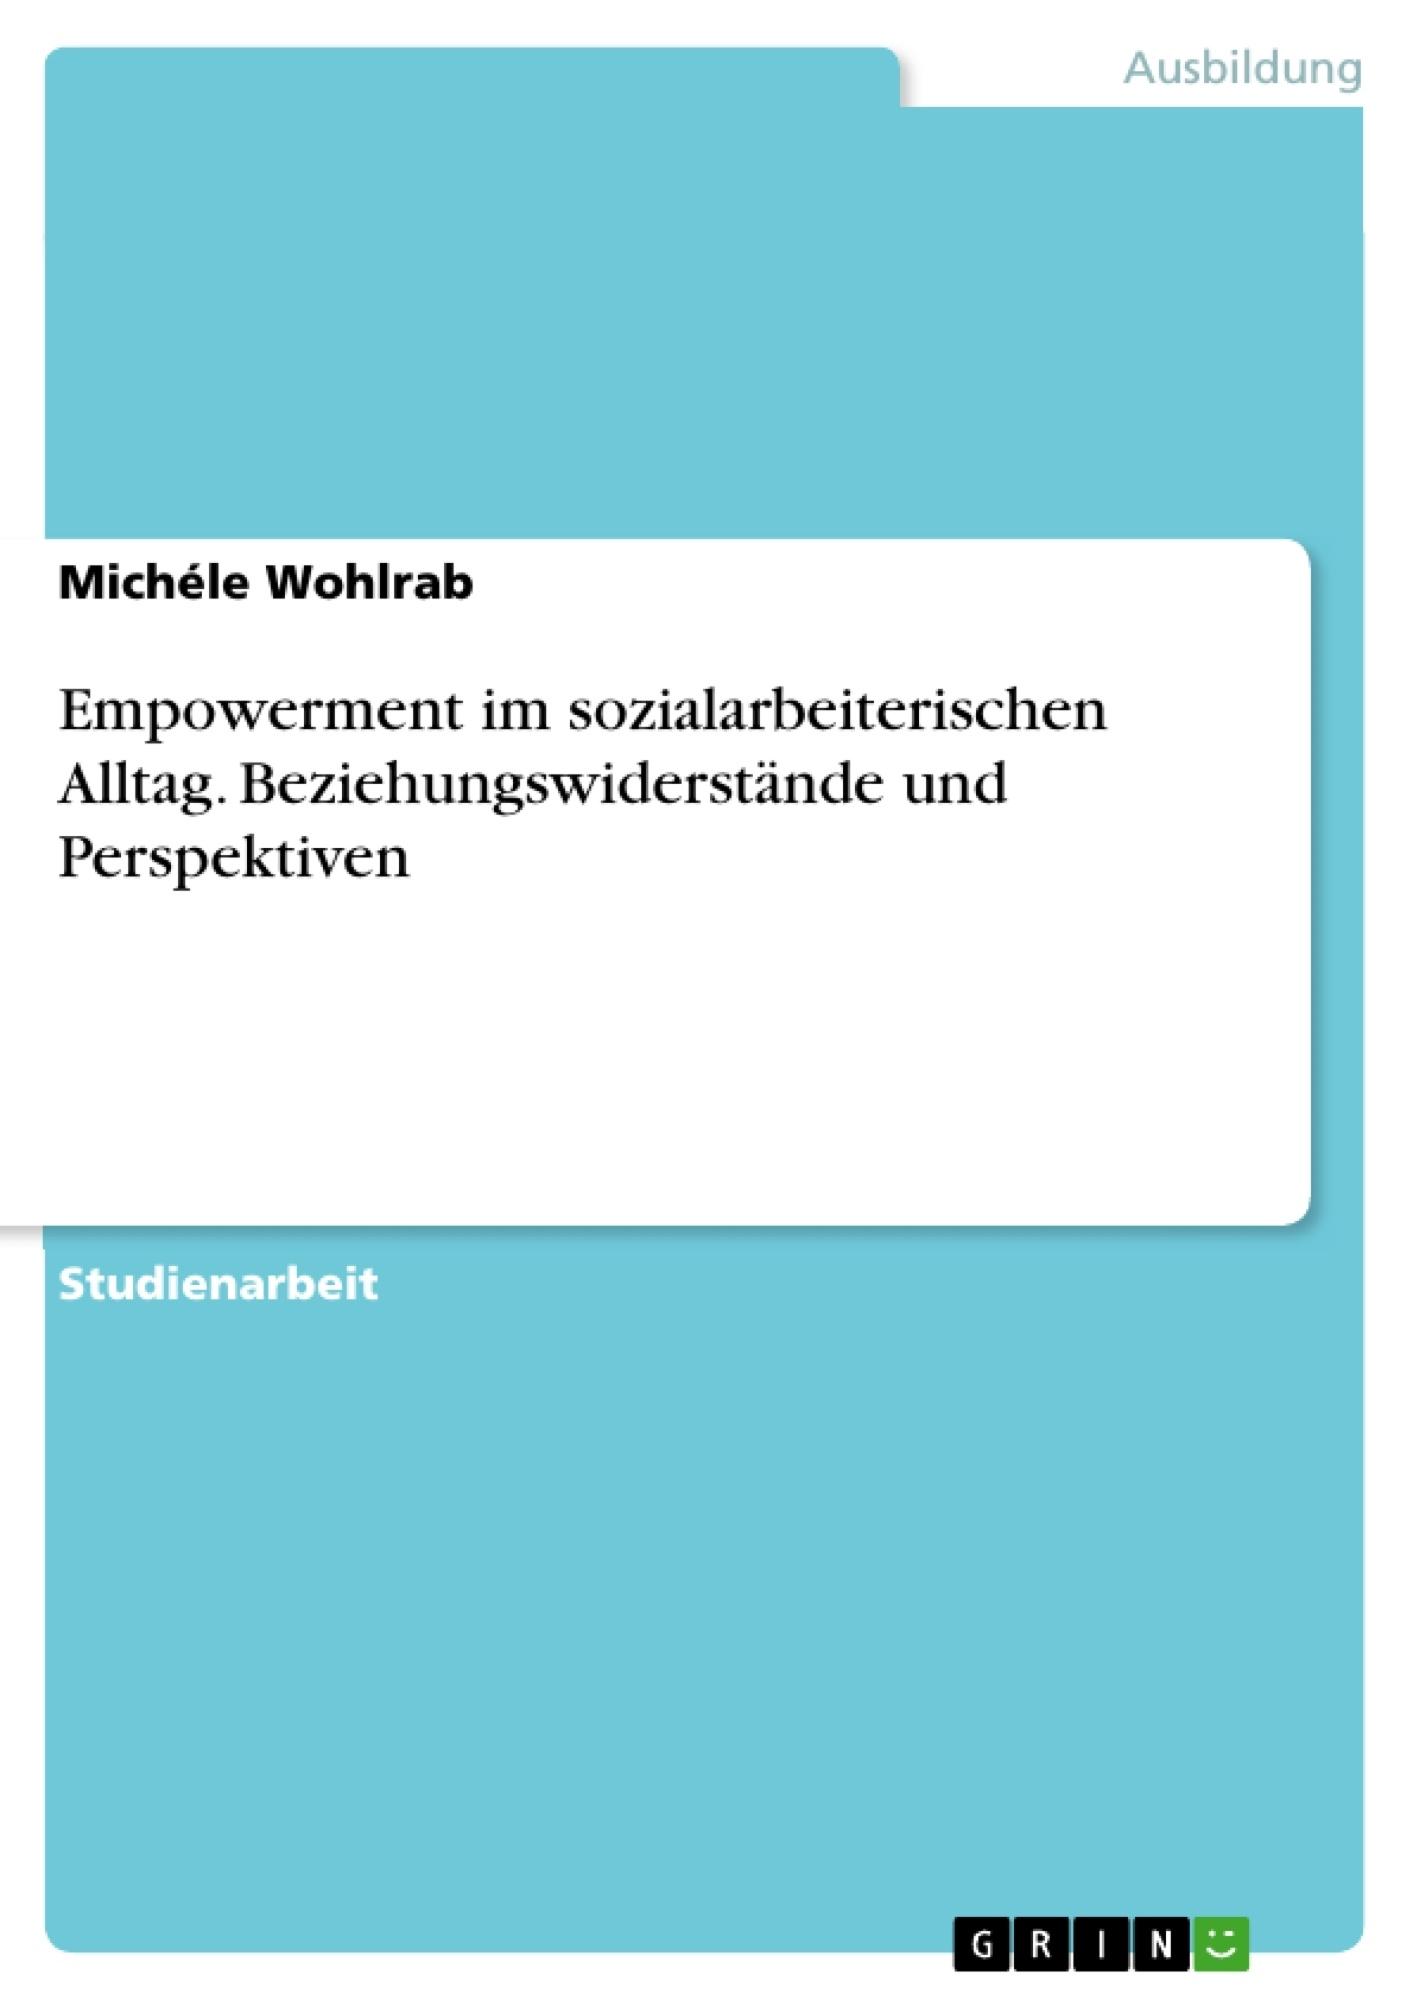 Titel: Empowerment im sozialarbeiterischen Alltag. Beziehungswiderstände und Perspektiven